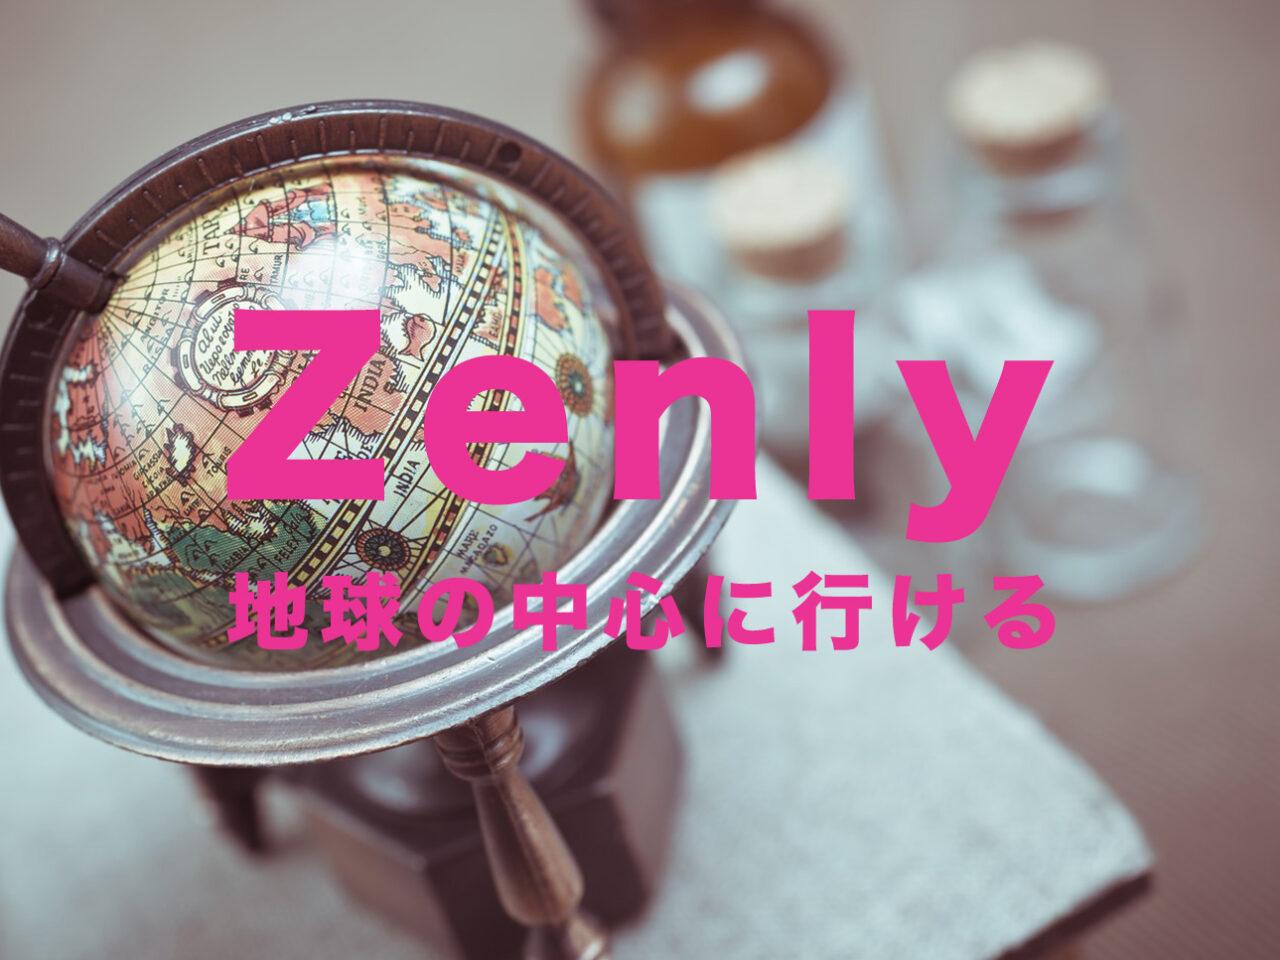 ゼンリー(Zenly)で地球の中心を表示させるやり方は?できない場合の対処法は?のサムネイル画像